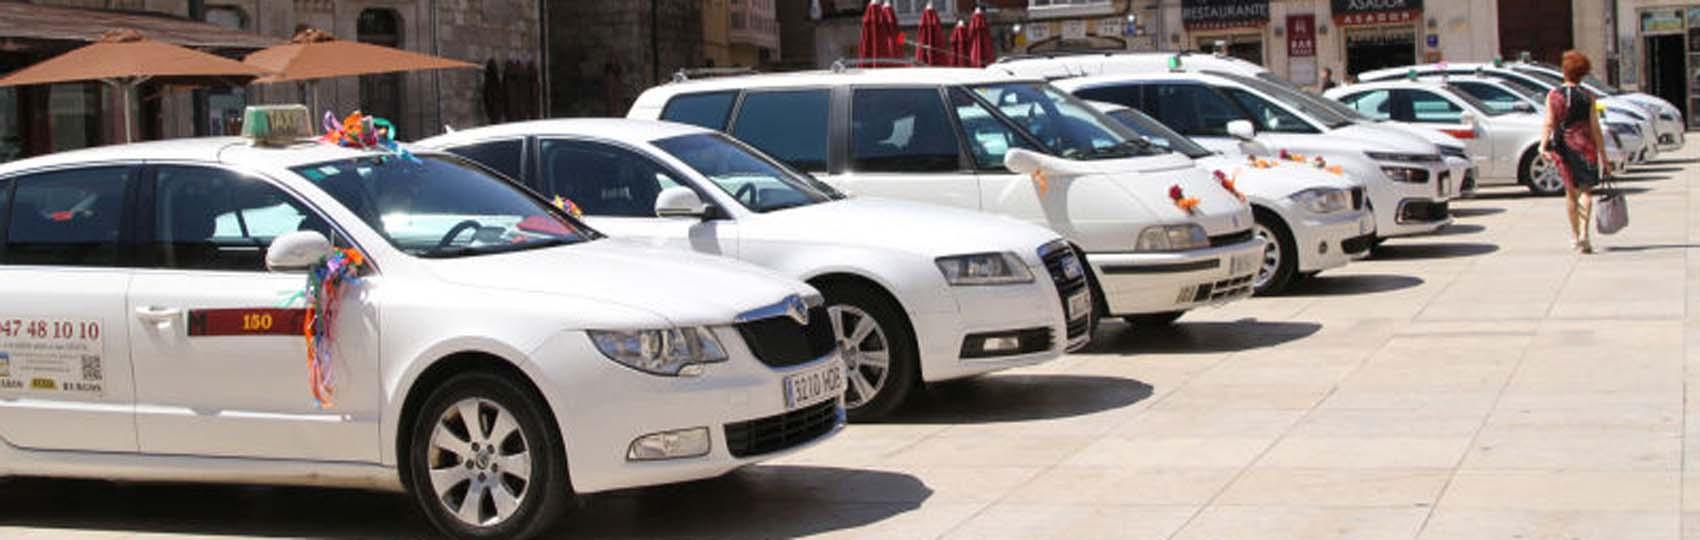 Noticias del sector del taxi y la movilidad en Valladolid. Mantente informado de todas las noticias del taxi de Valladolid en el grupo de Facebook de Todo Taxi.